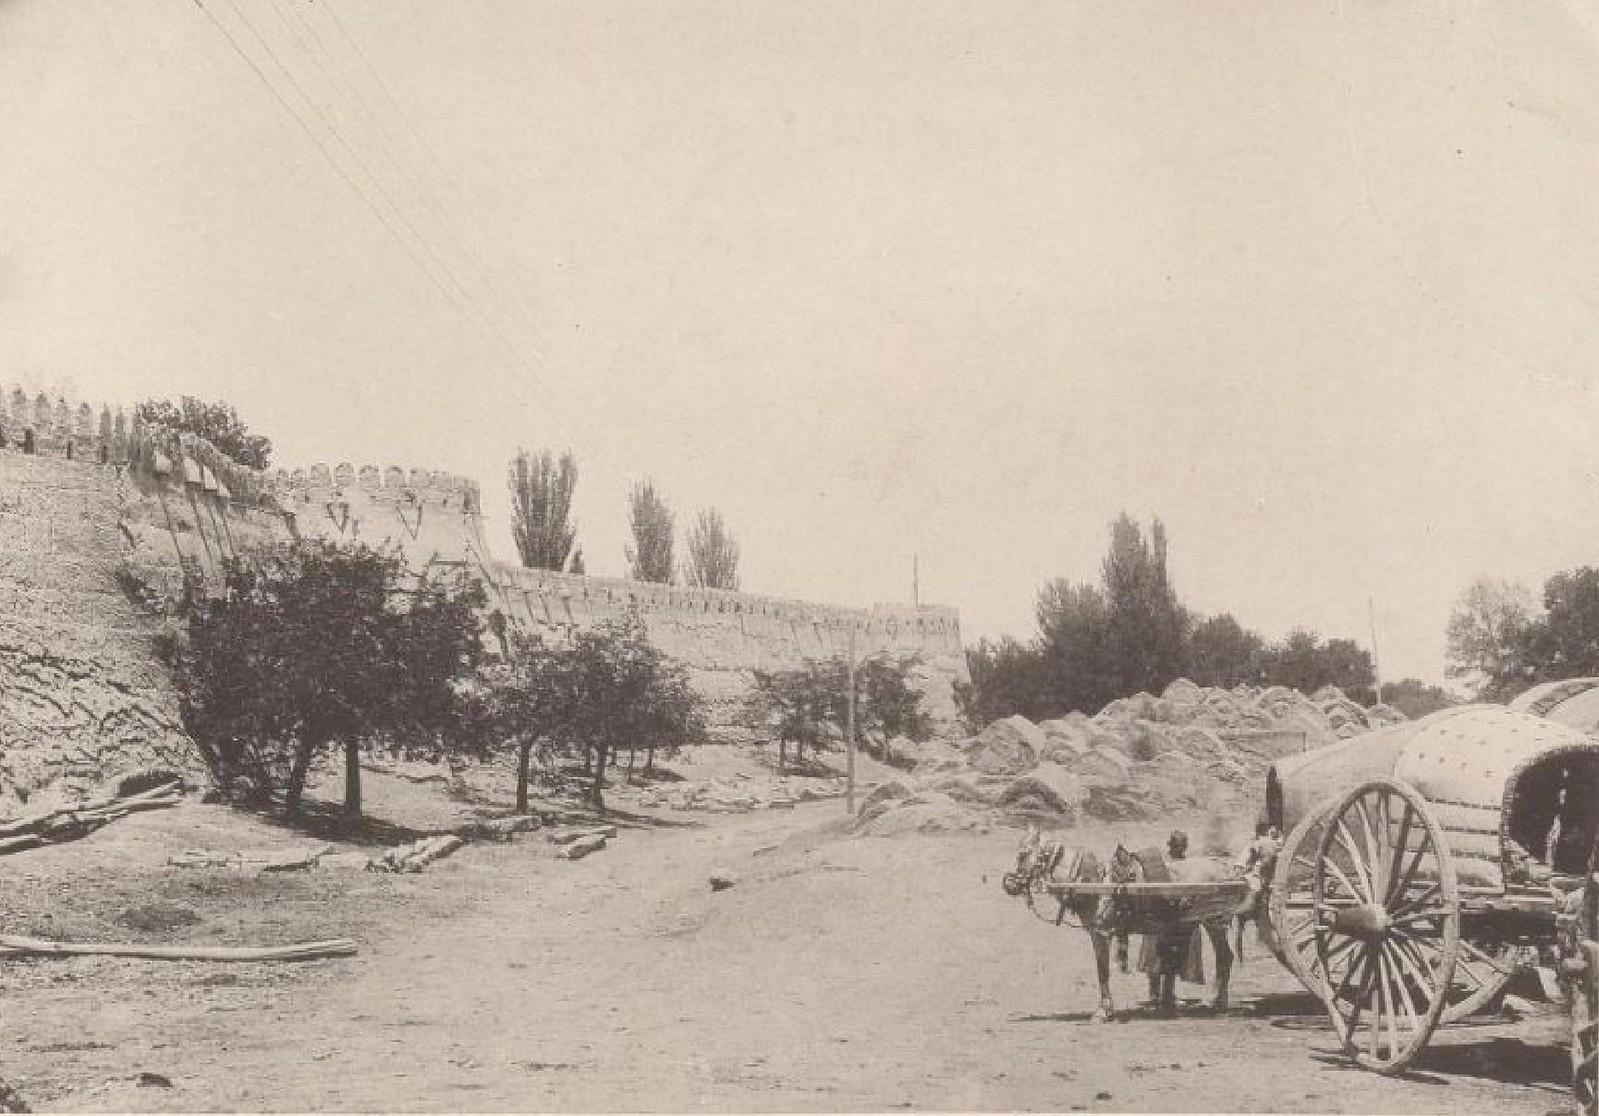 06. Бухара. У ворот Дерваз-Мезар 20 мая 1898 года